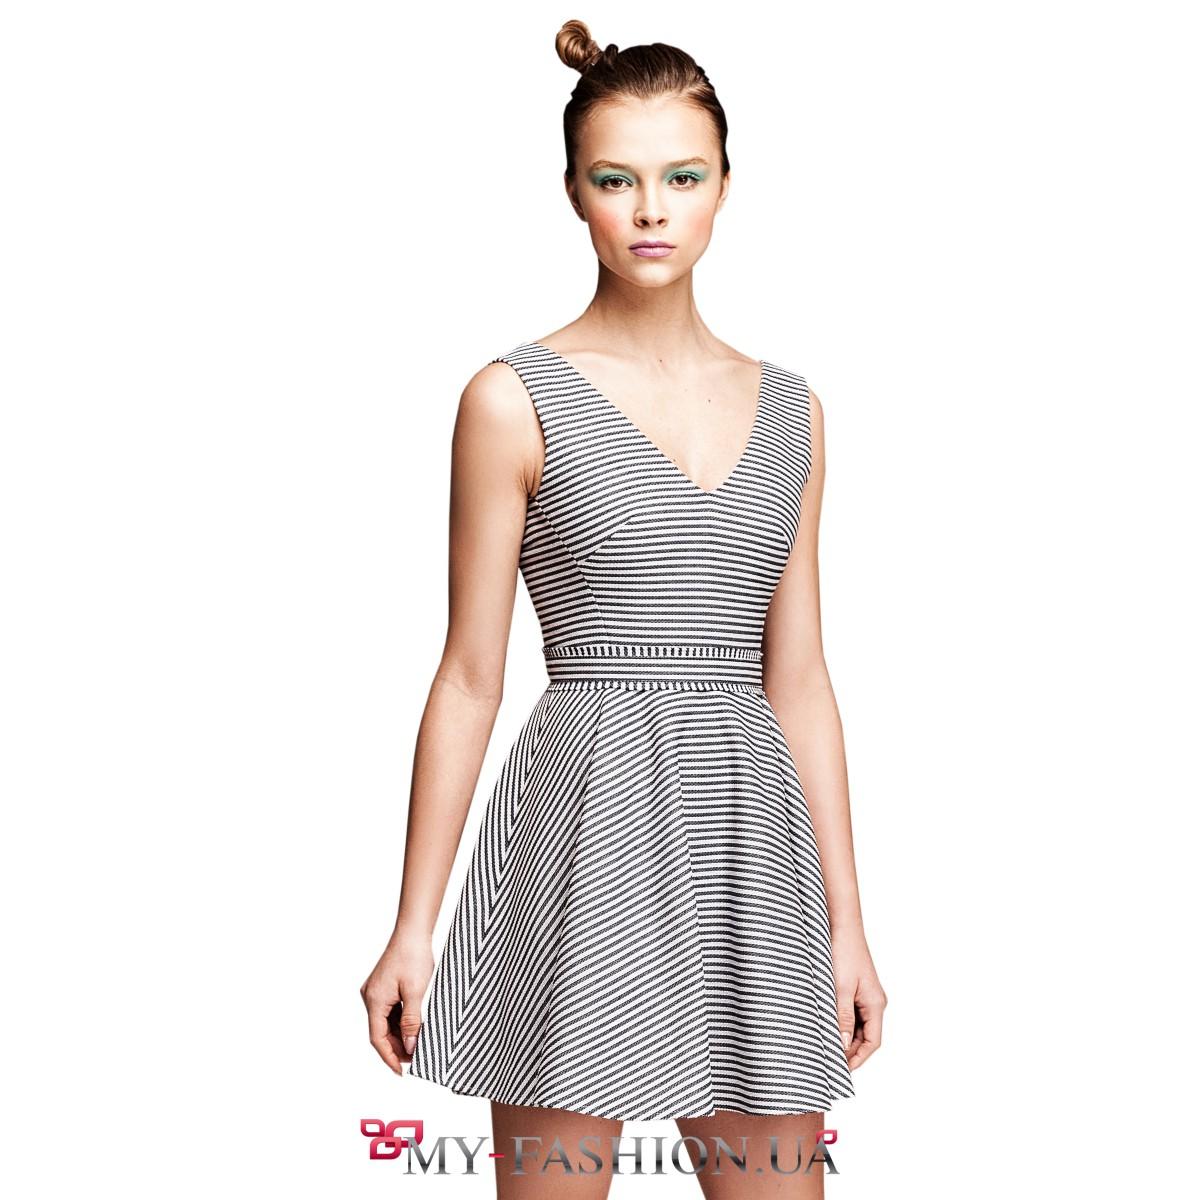 Вырез горловины платья v образный